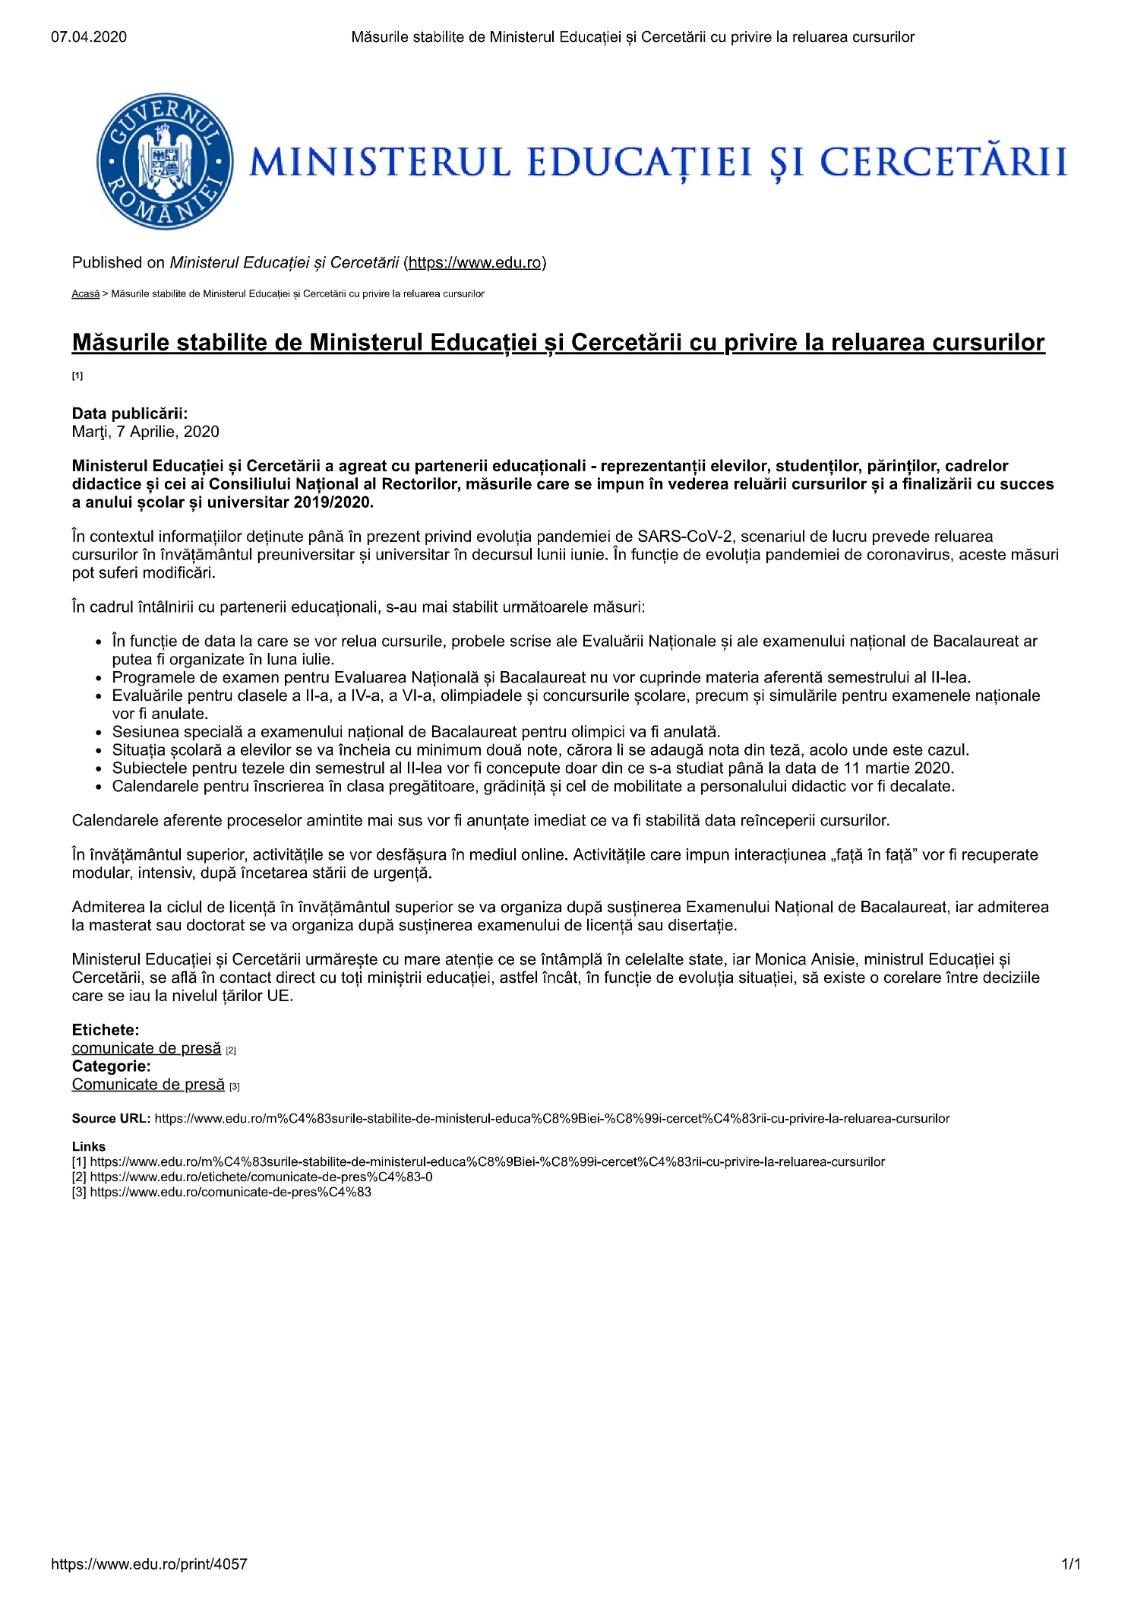 masuri-stabilite-de-ministerul-educatiei-si-cercetarii-cu-privire-la-reluarea-cursurilor